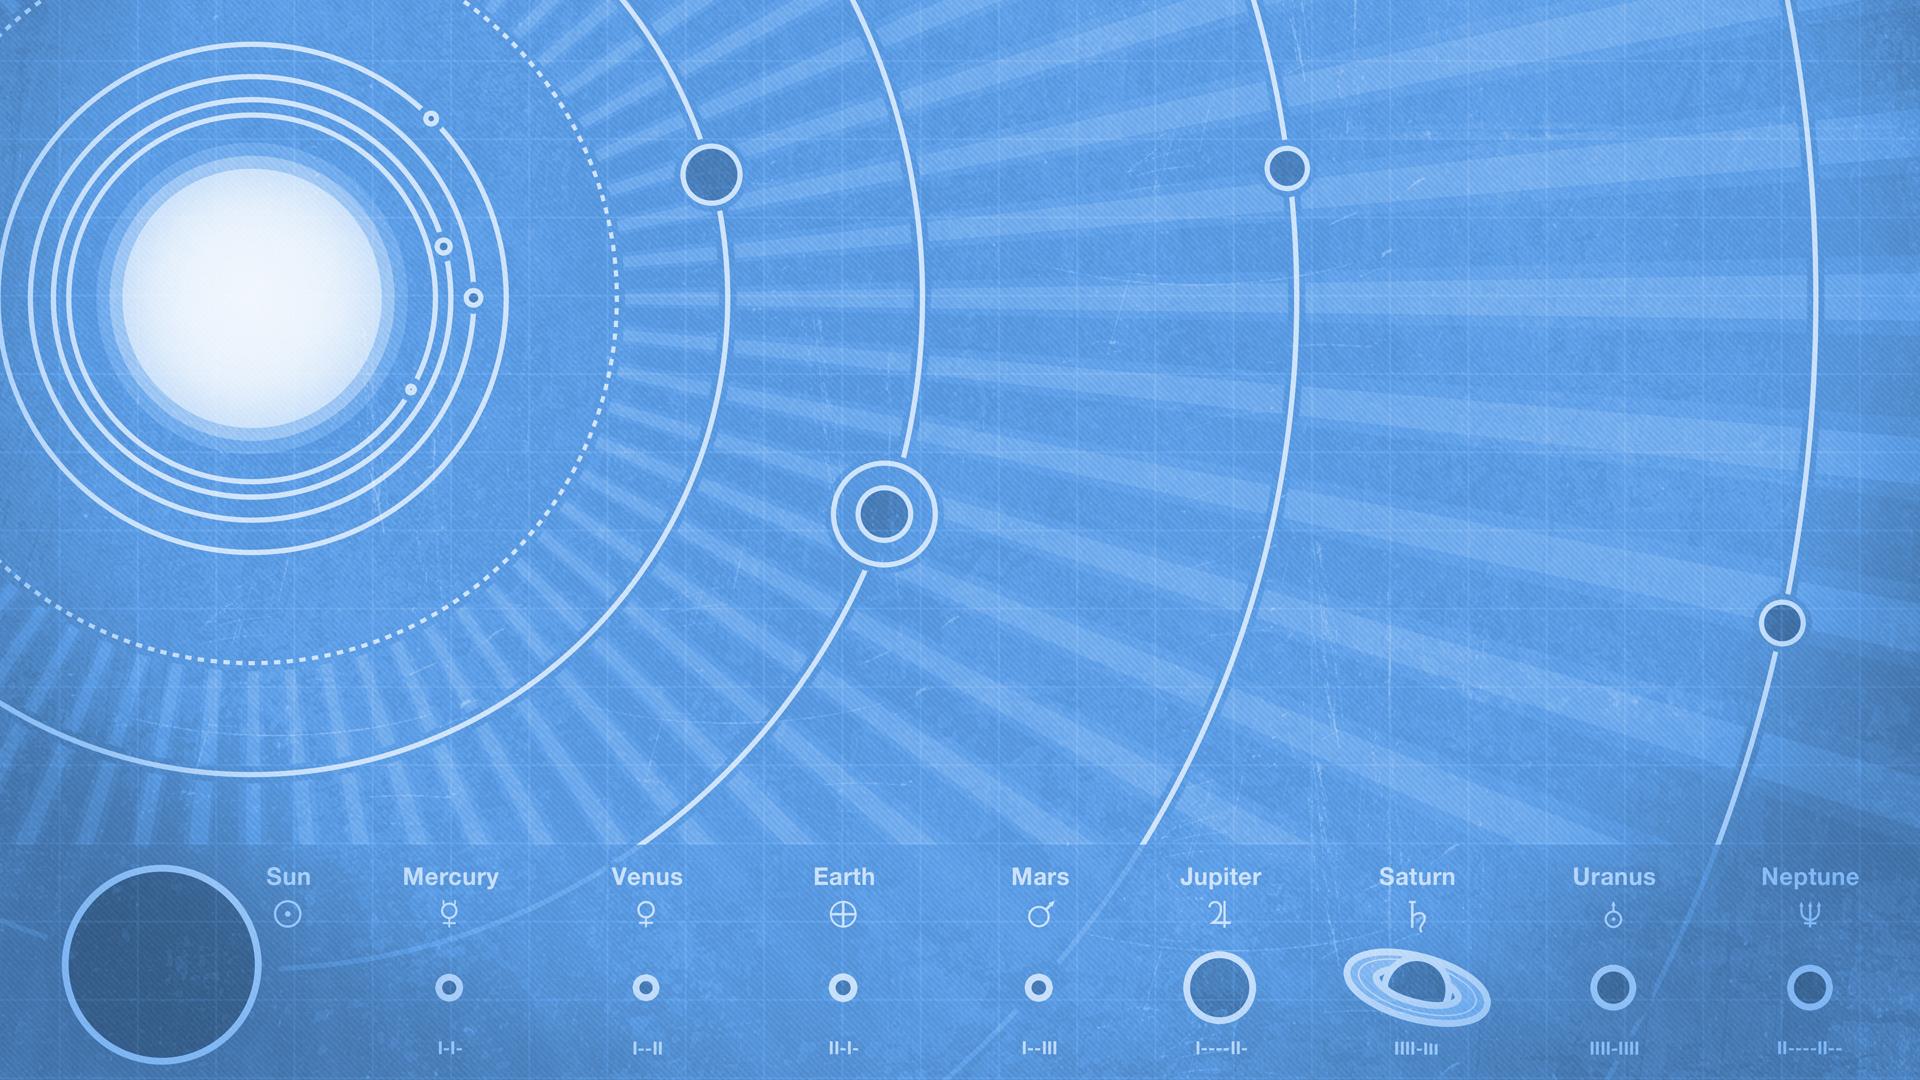 Solar System Wallpaper Cool by Adam Dorman - Digital Artist